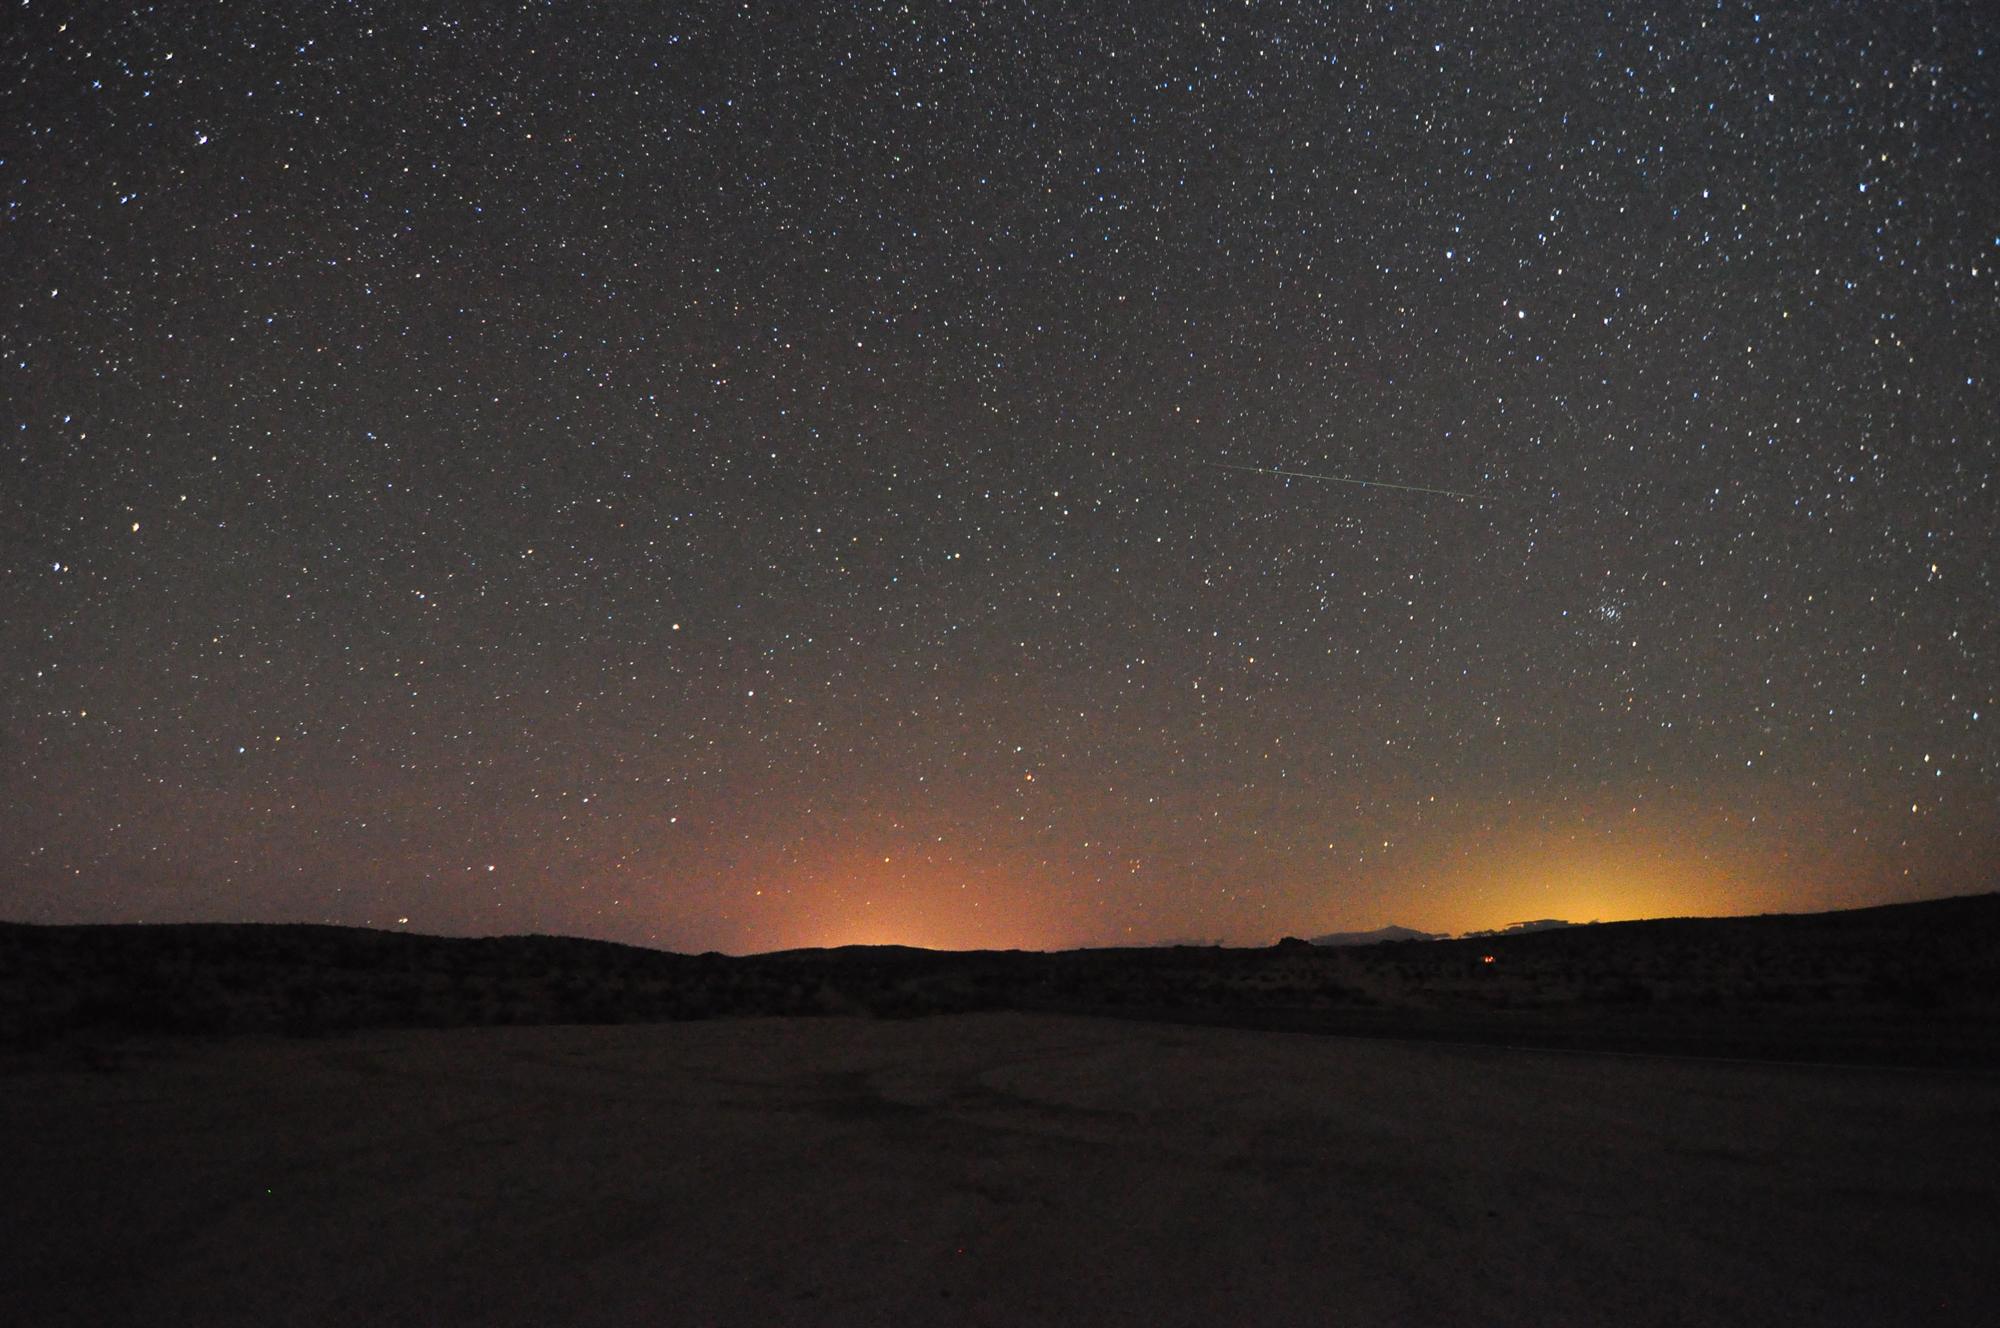 Leonid Meteor Shower 2012: Marian Murdoch